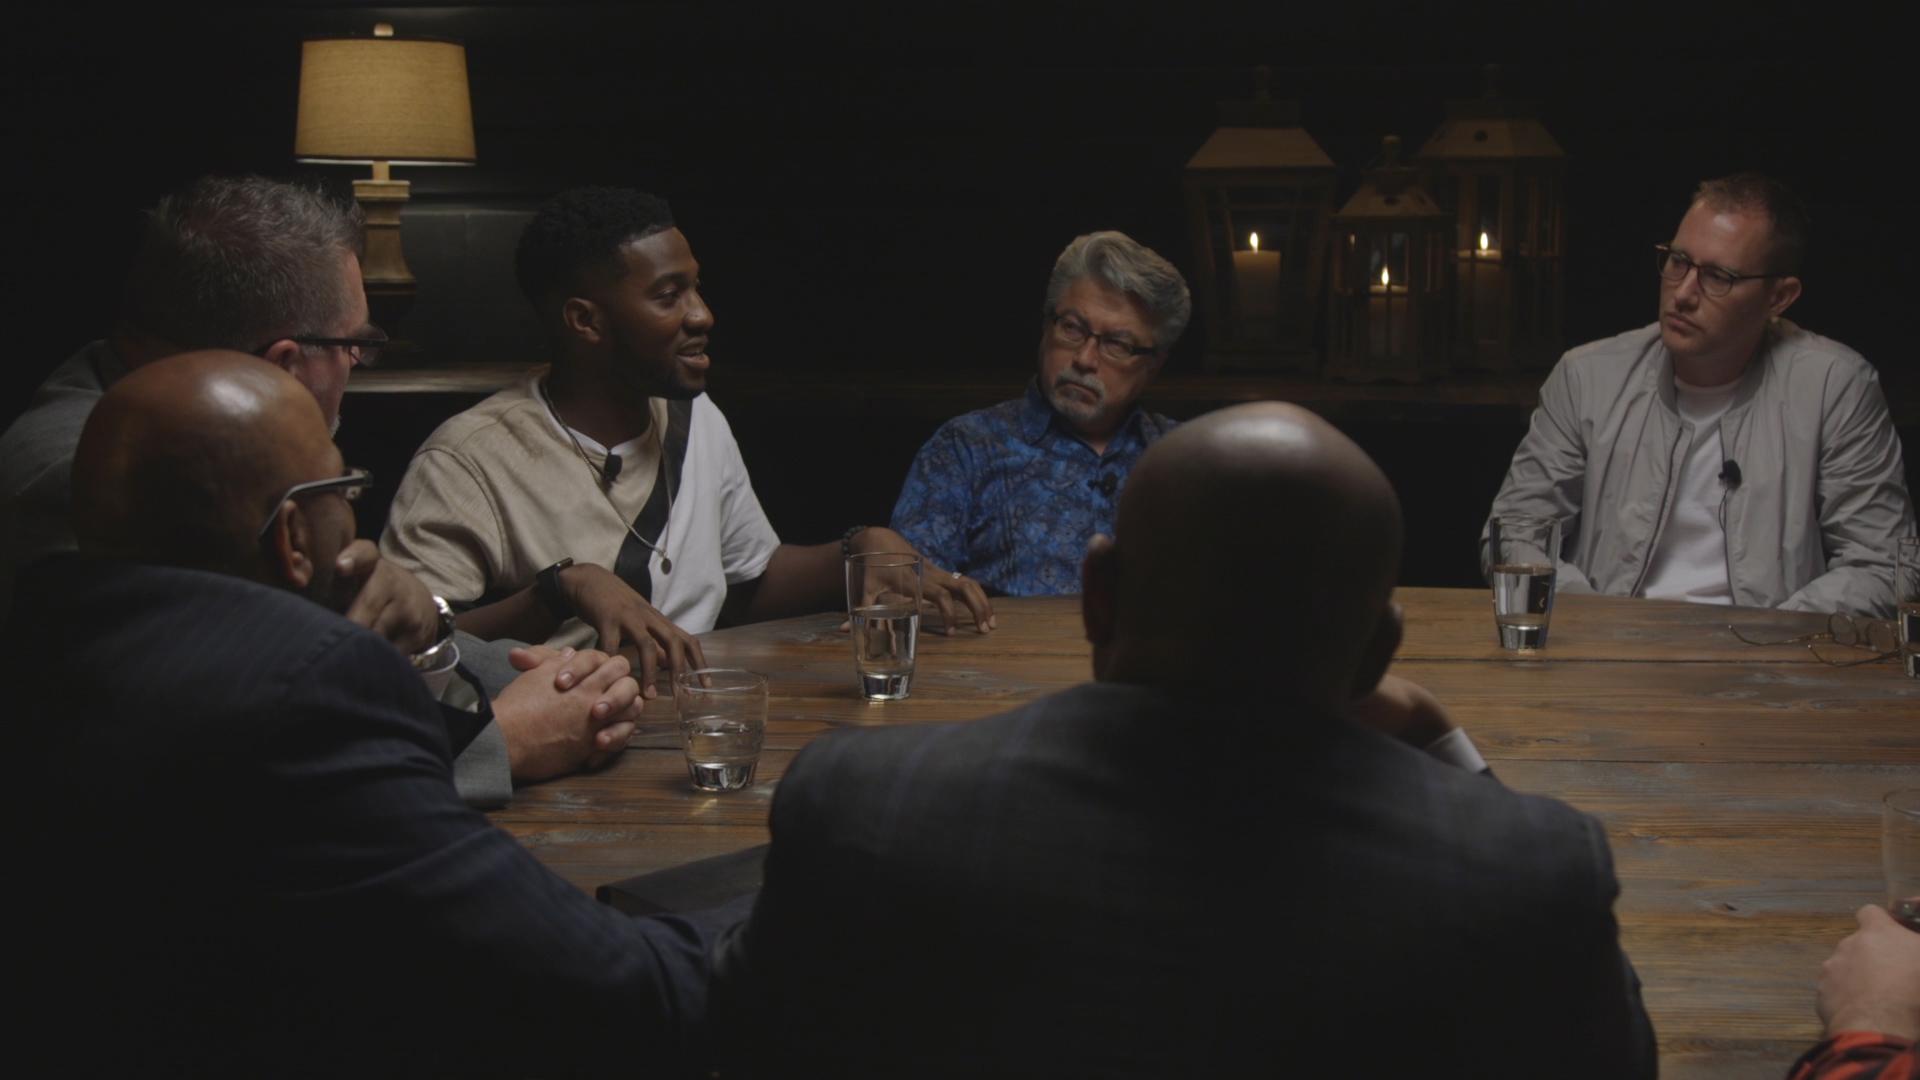 Filmtools Filmmaker Friday featuring Filmmaker Joshua Morris 12